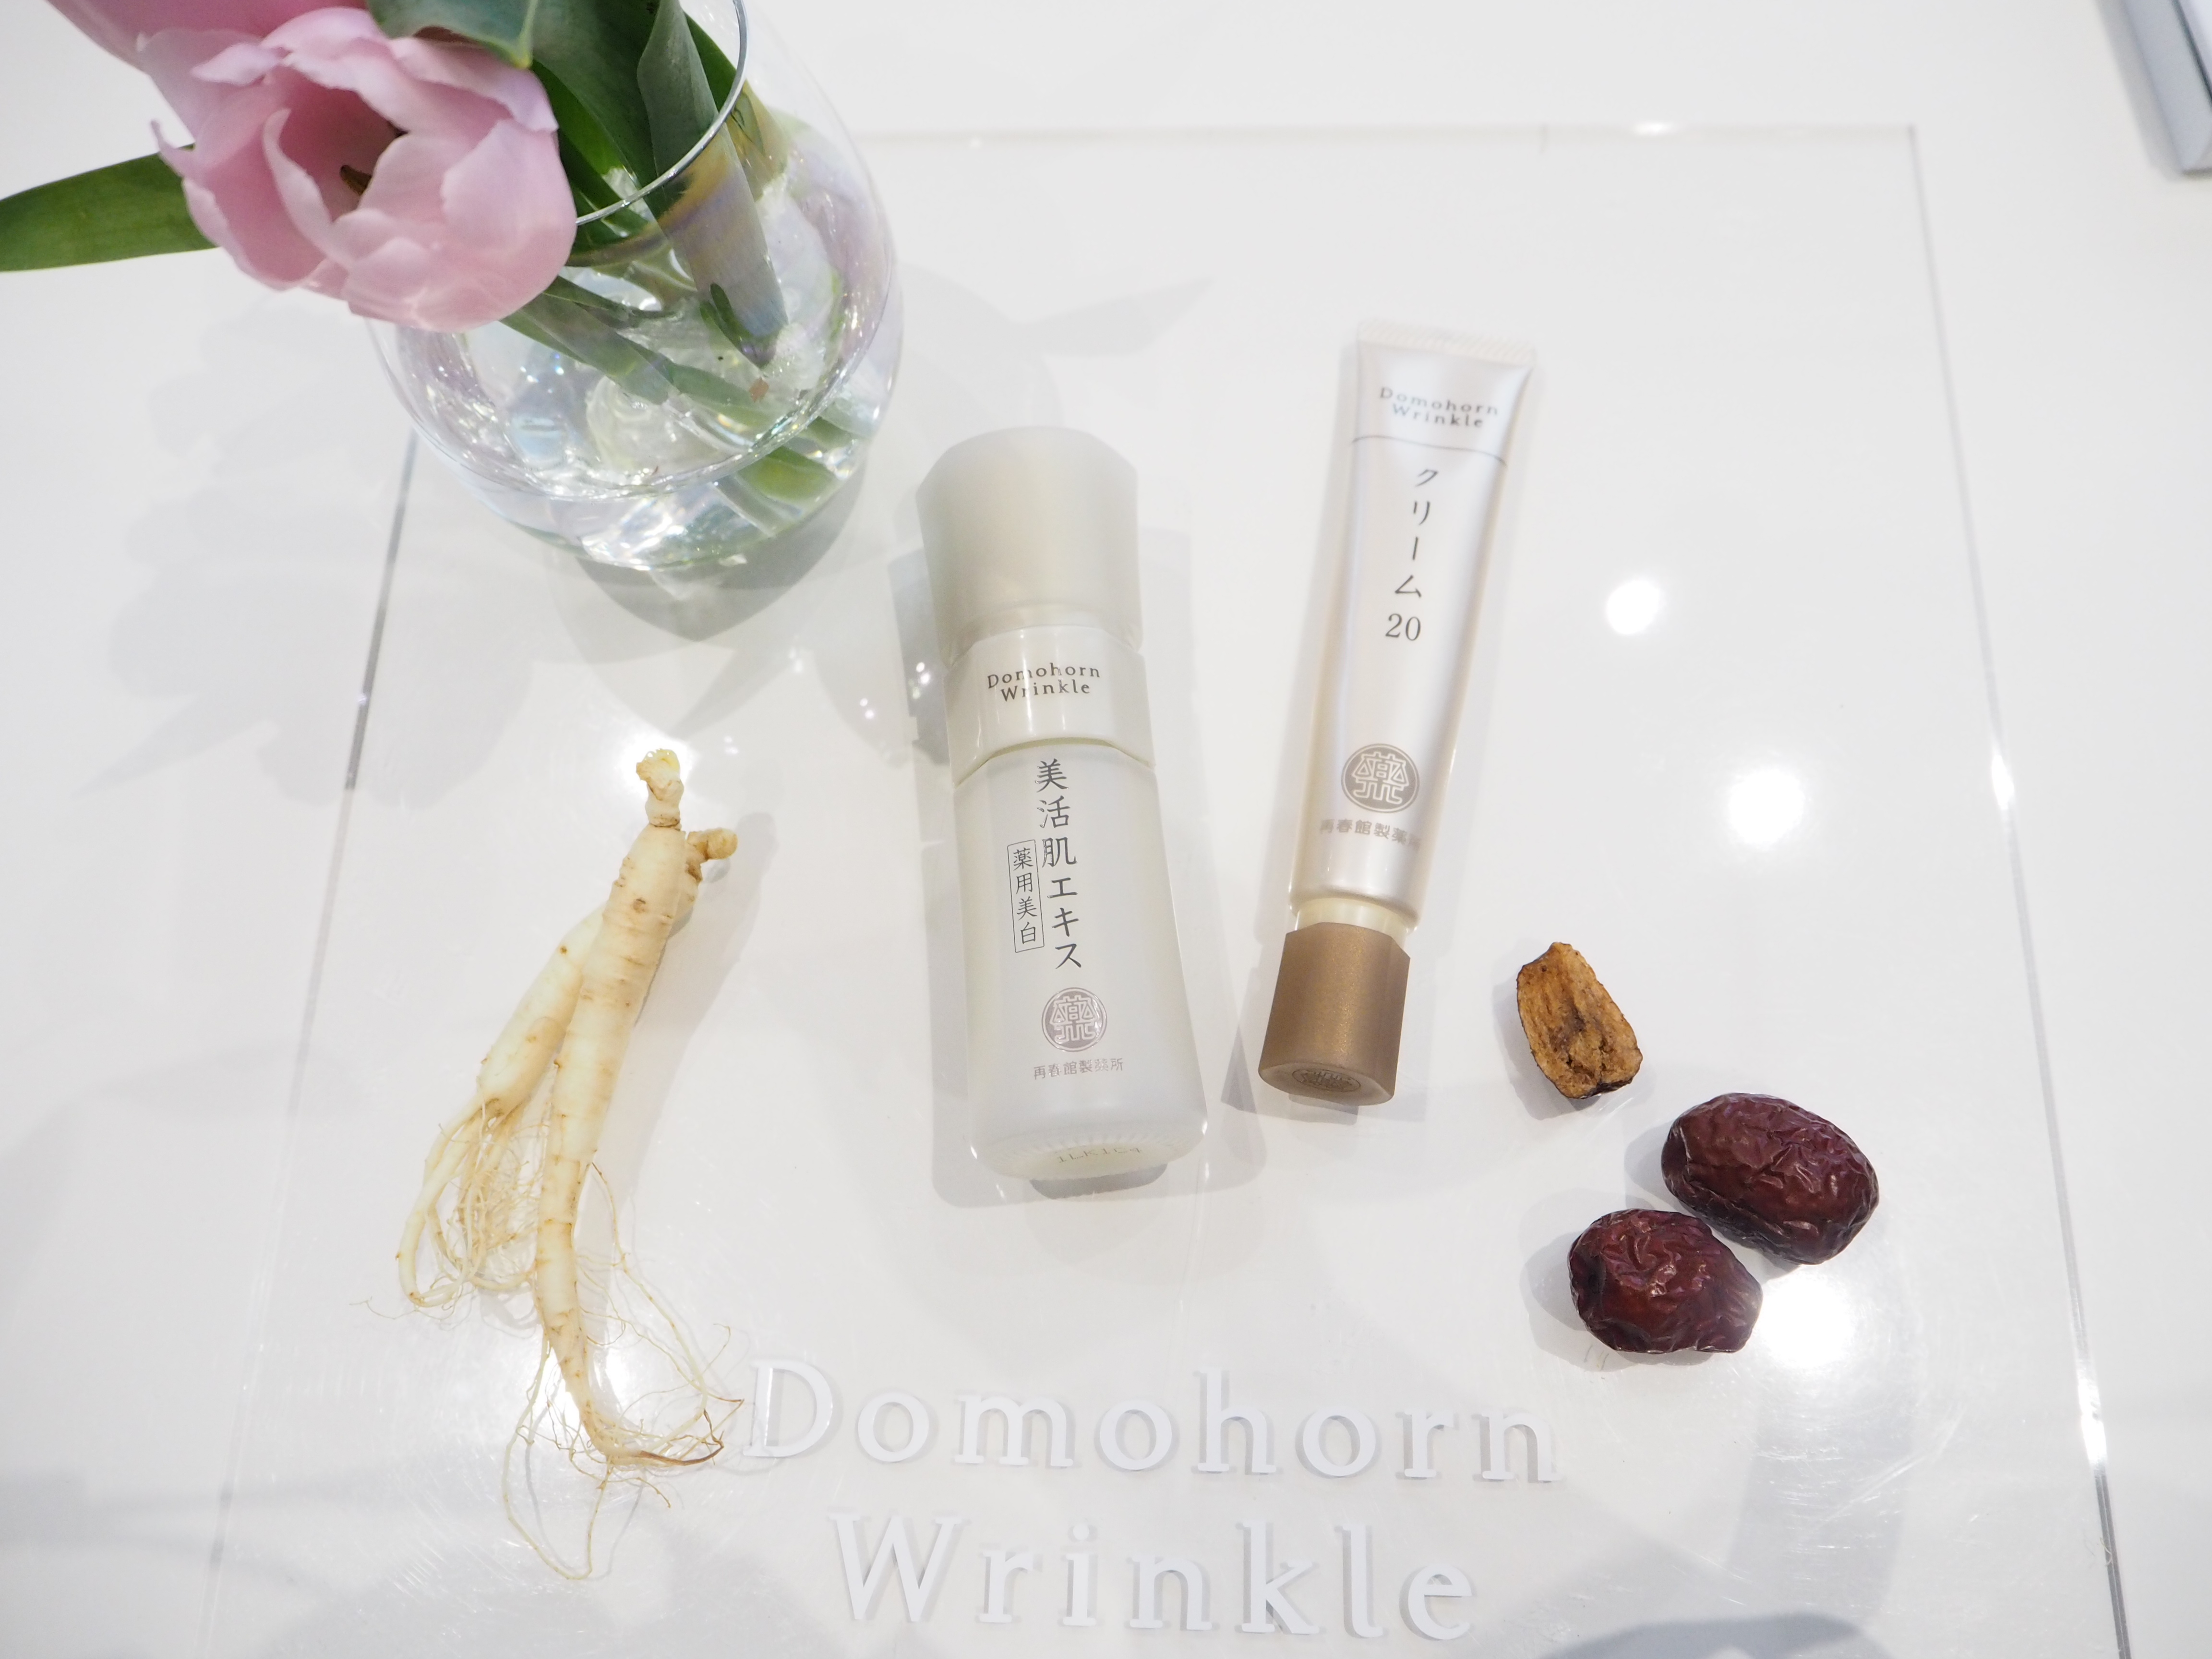 コラーゲン研究の第一人者・ドモホルンリンクルの自信作! 美白美容液&保湿クリームが早くも名品の予感